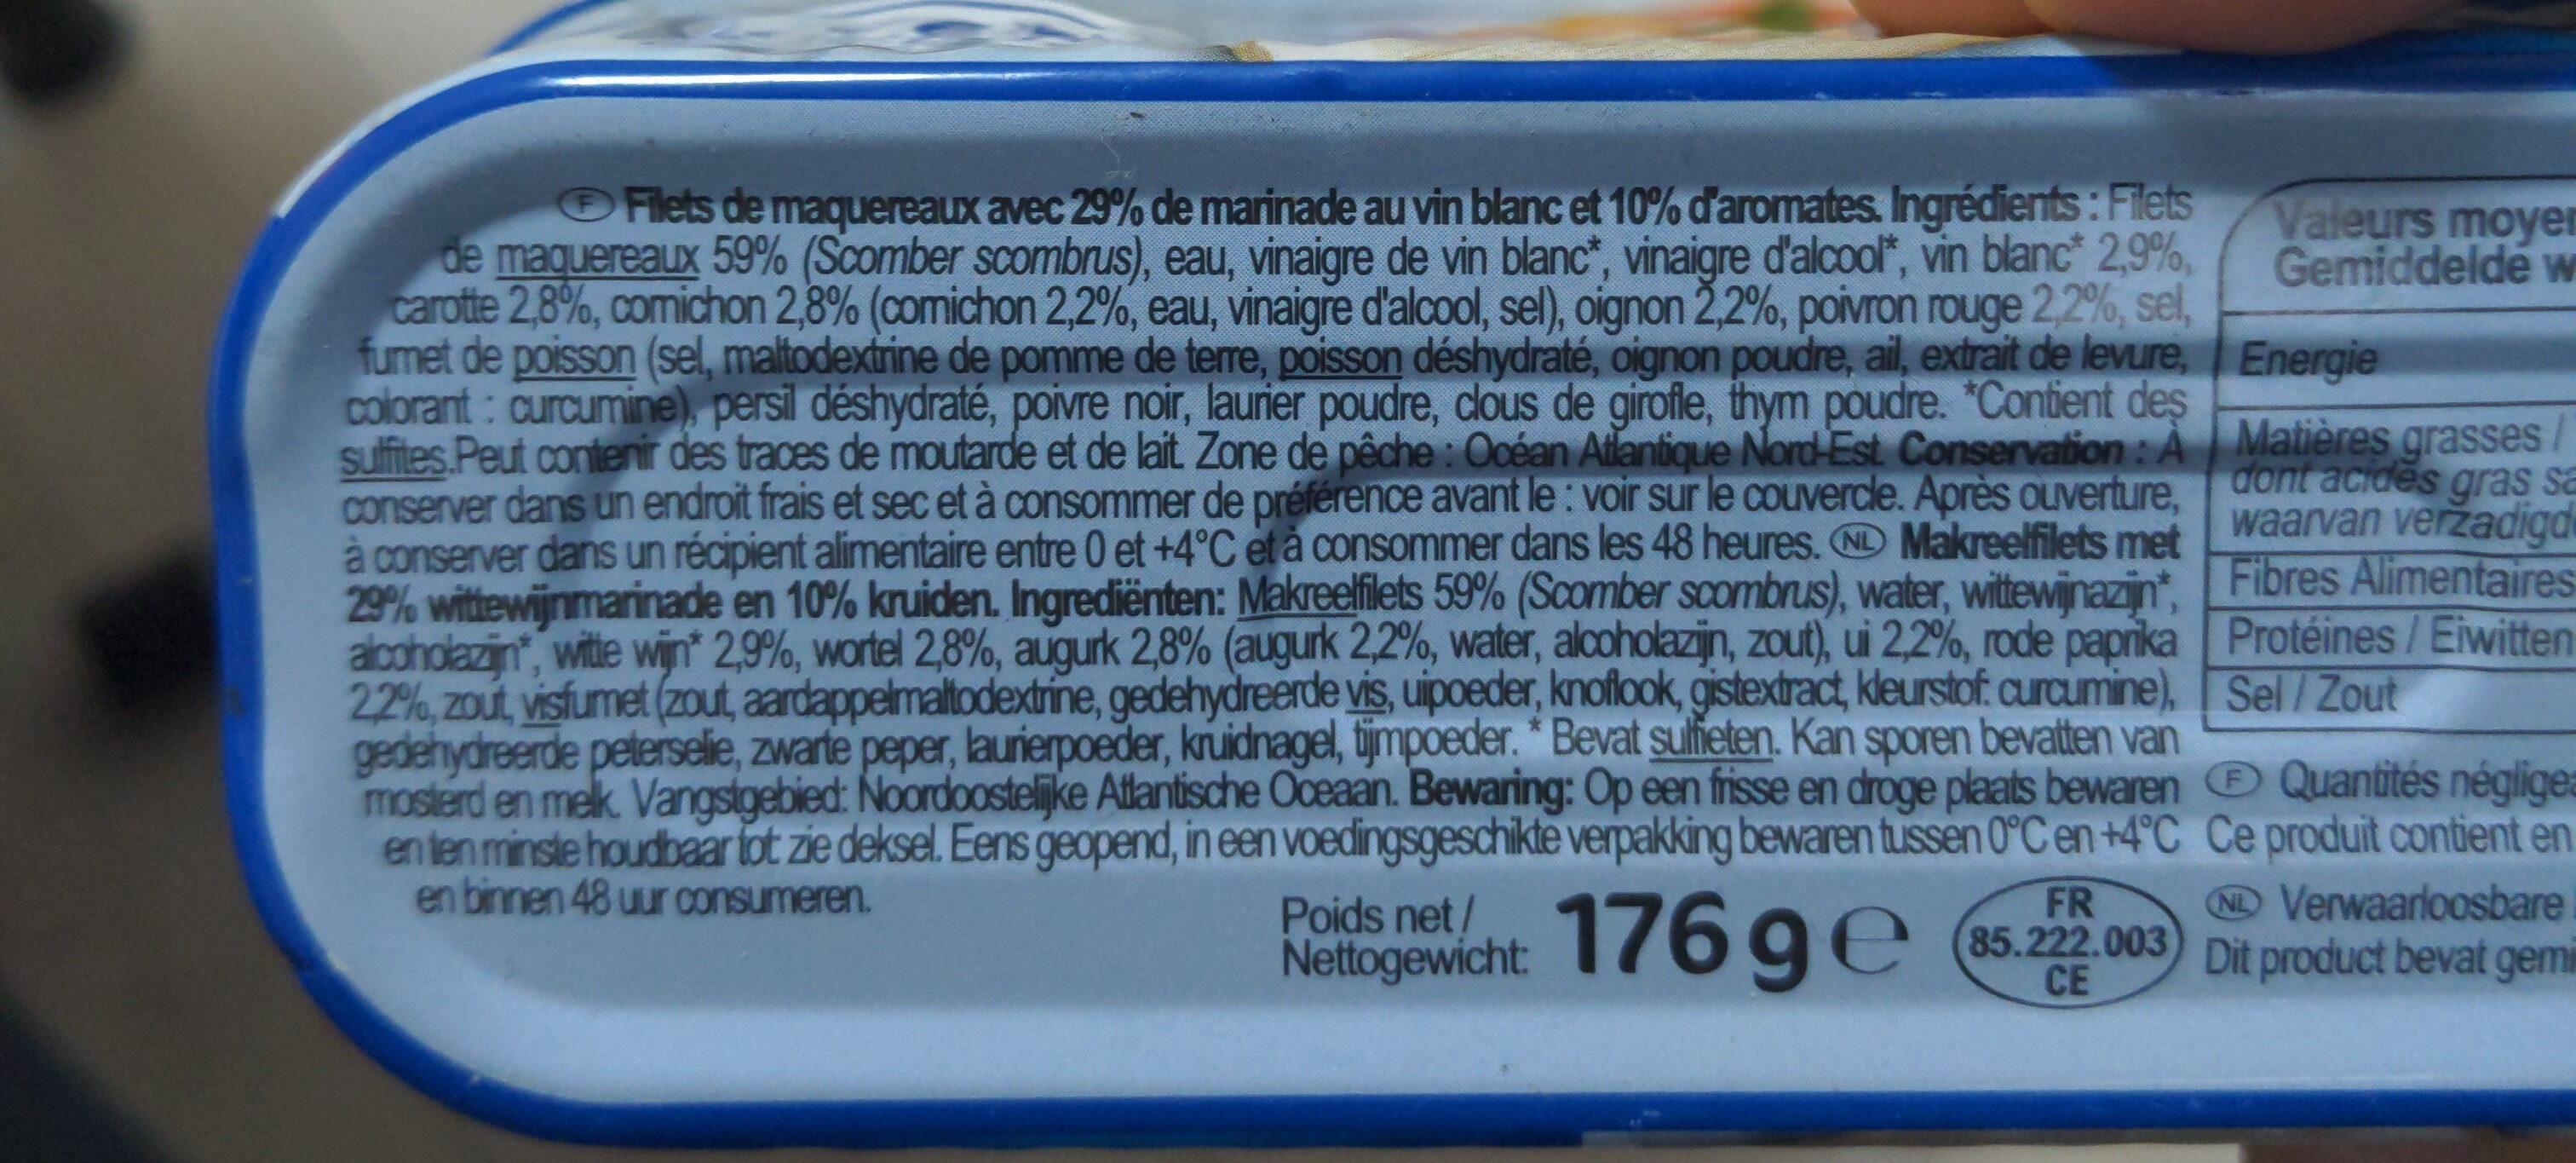 Filets de maquereaux marinés au vin blanc & aux aromates - Ingrédients - fr